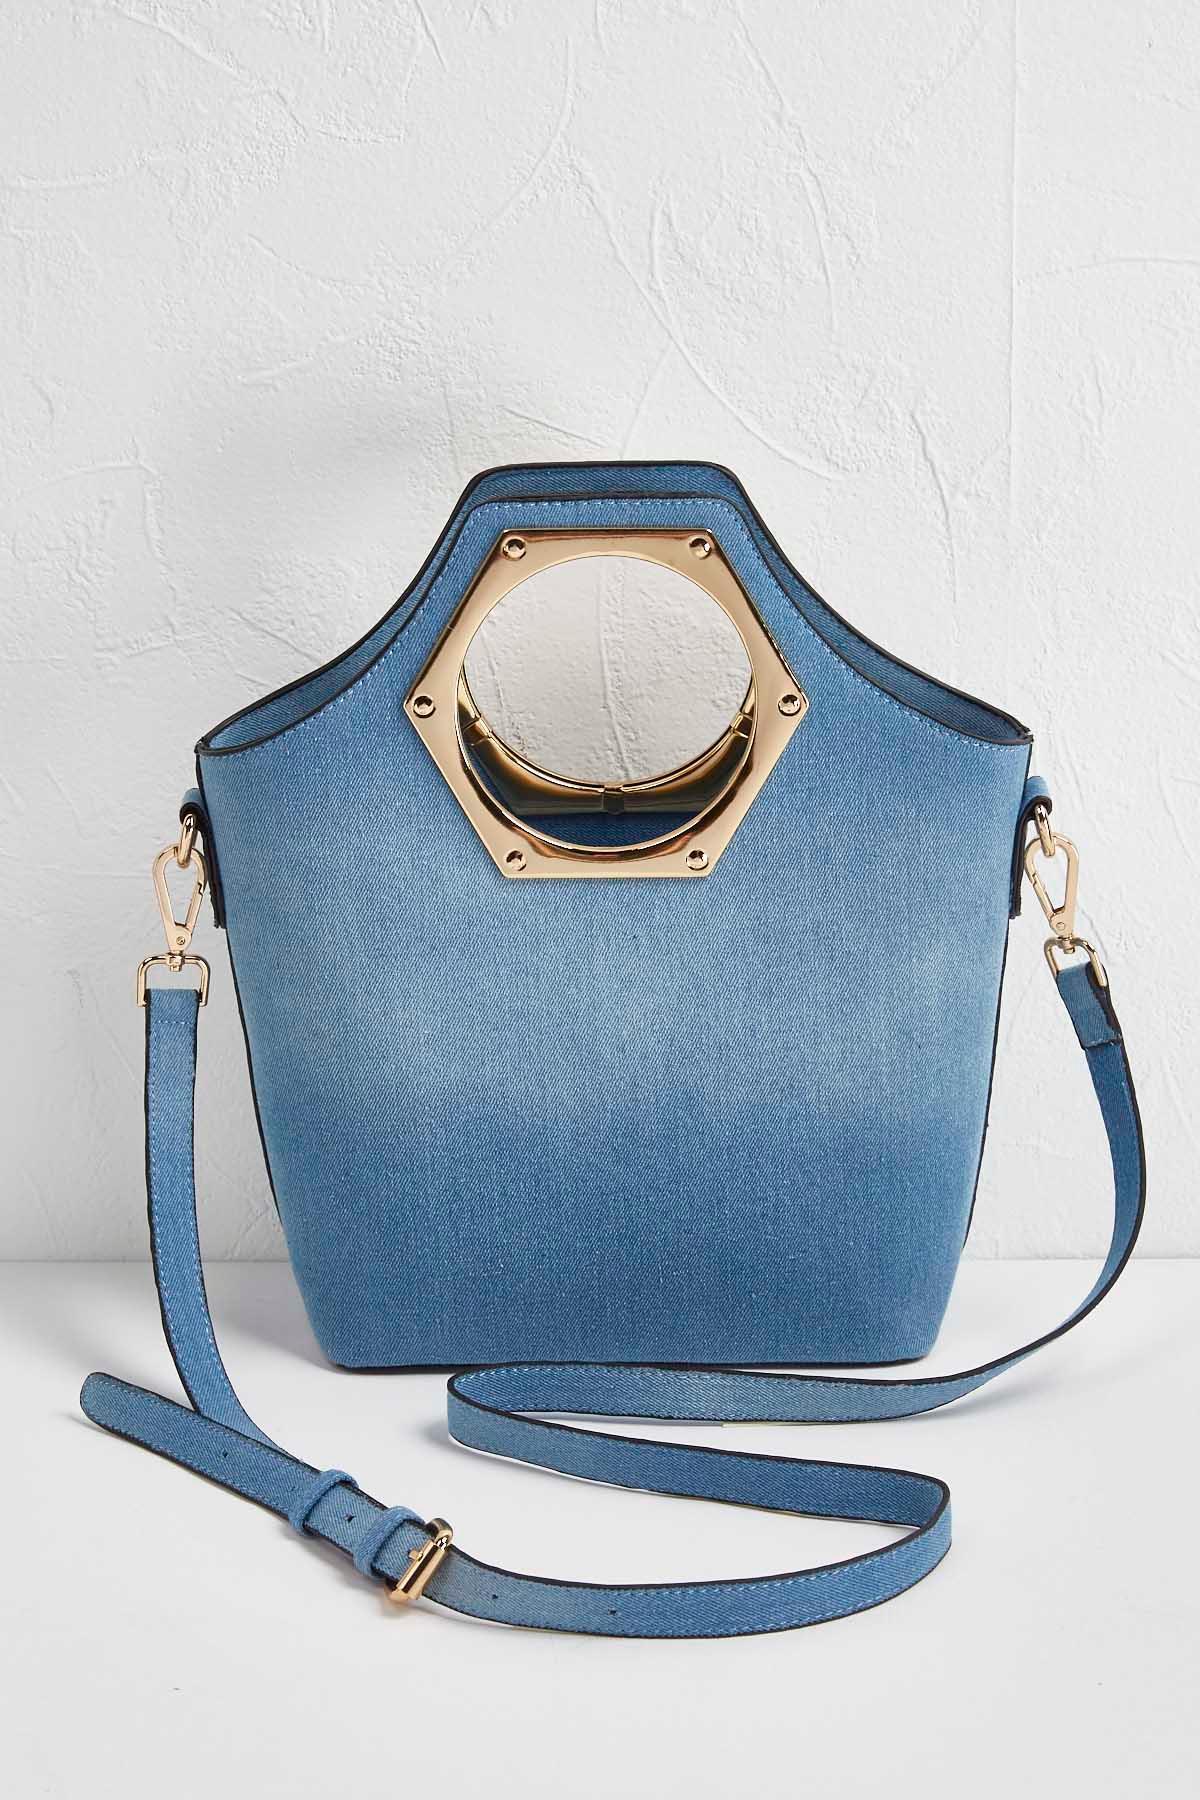 Denim Porthole Bag